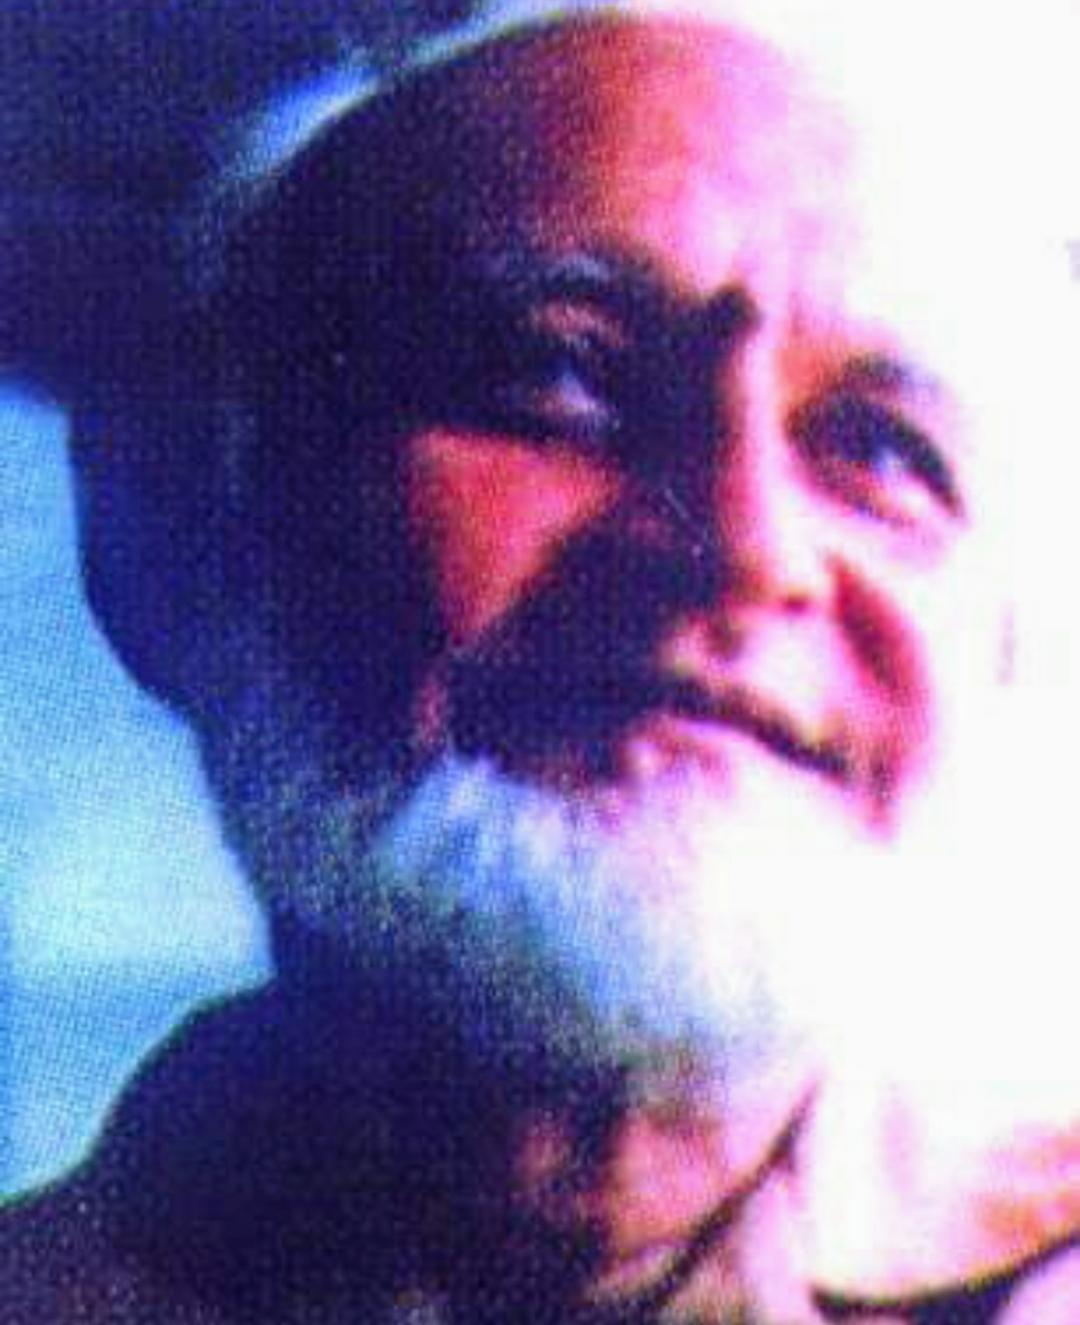 কথাসাহিত্যিক আবুল খায়ের মুসলেহউদ্দিনের ১৮তম মত্যুবার্ষিকী